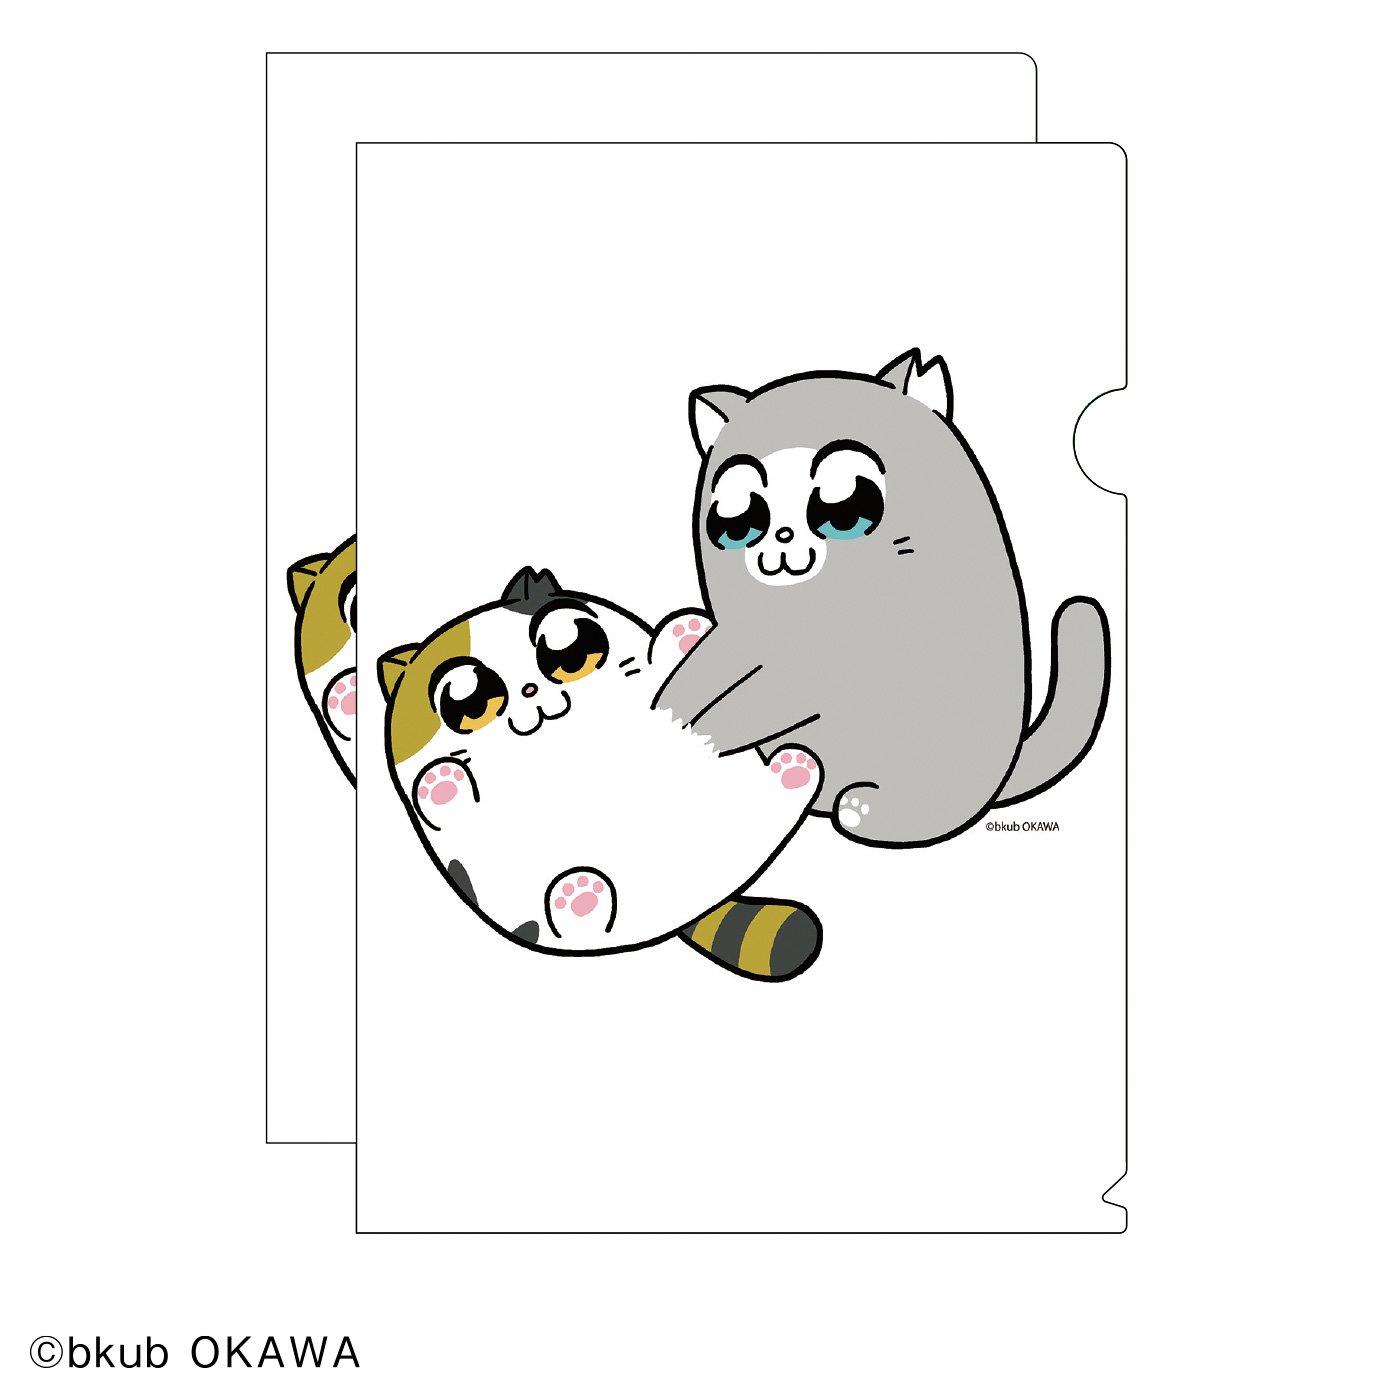 猫部×大川ぶくぶ 地域猫チャリティークリアファイル2020